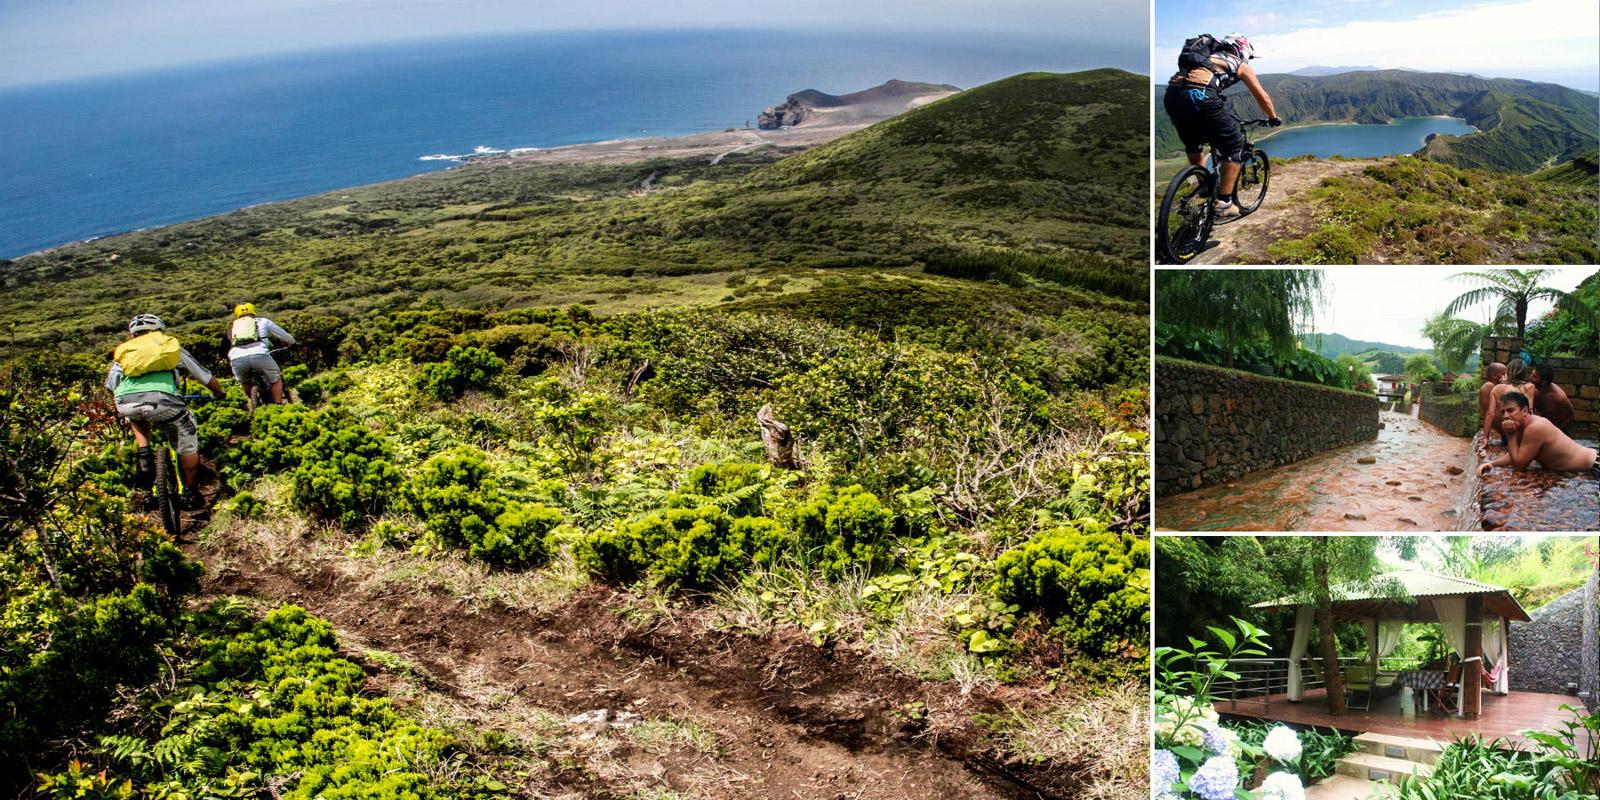 Vydejte se s Nirvana Travel objevovat úžasné prírodní scenérie i historii Azorských ostrovů.